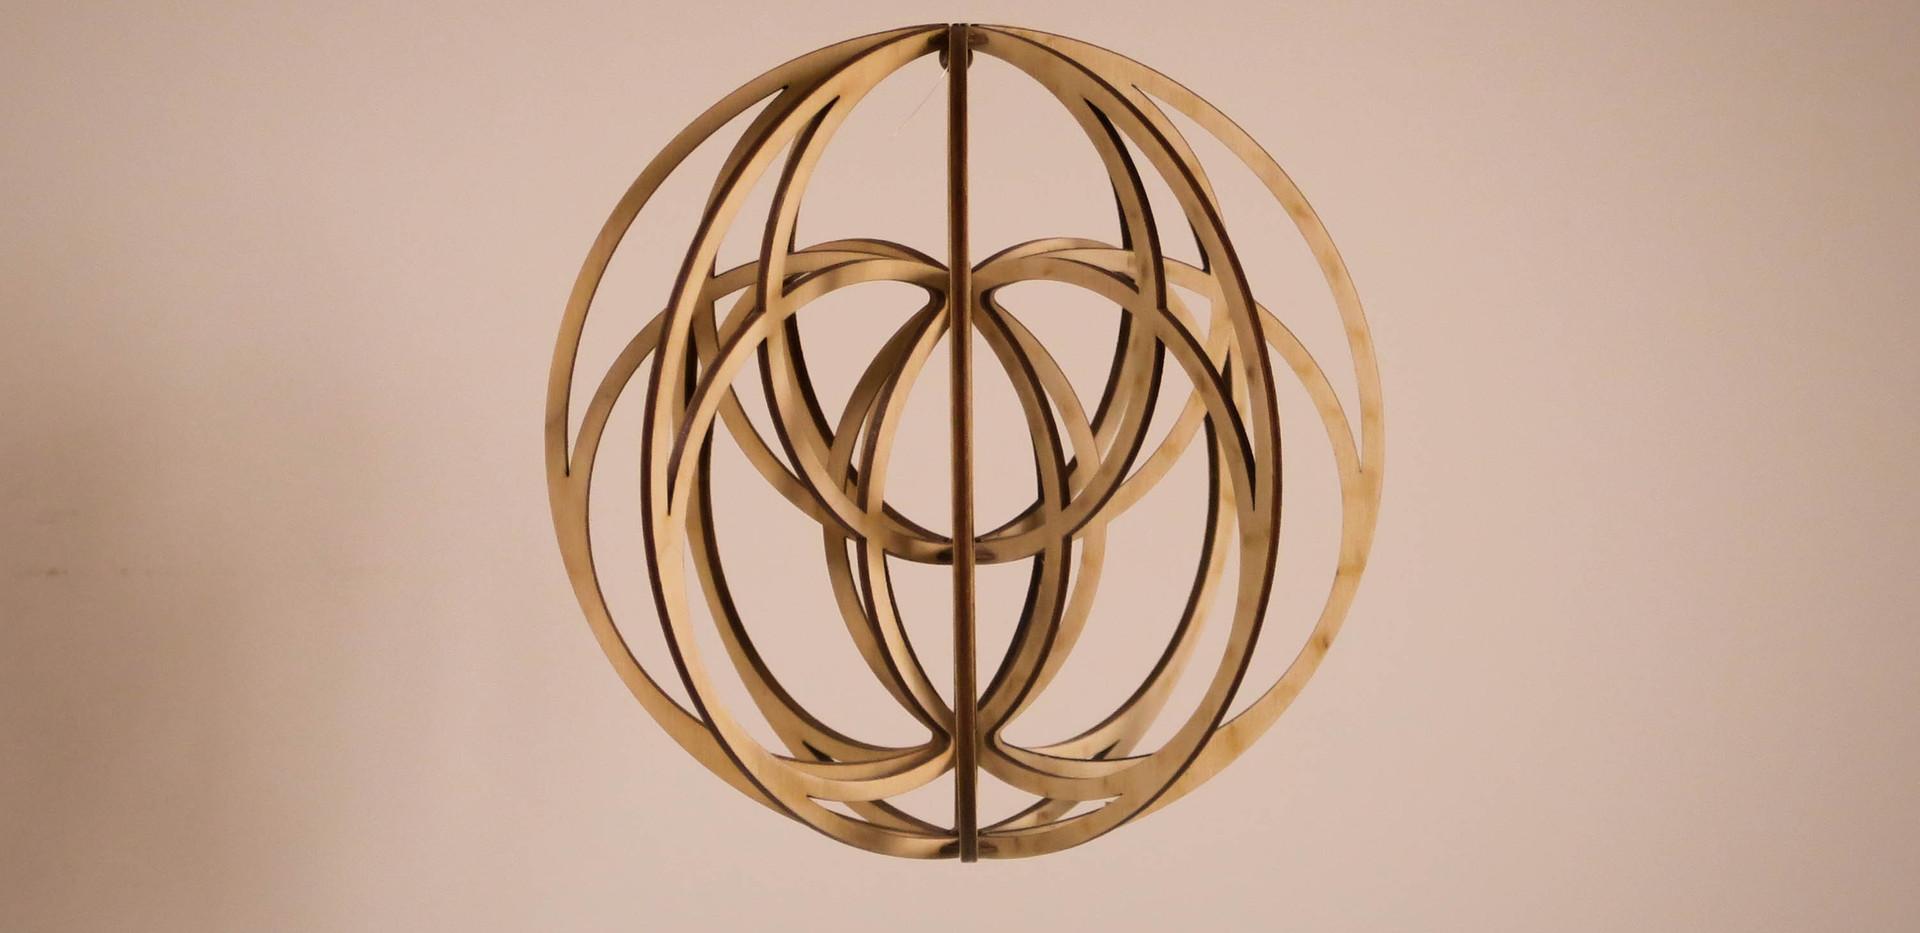 Circles in Circles n2 - small